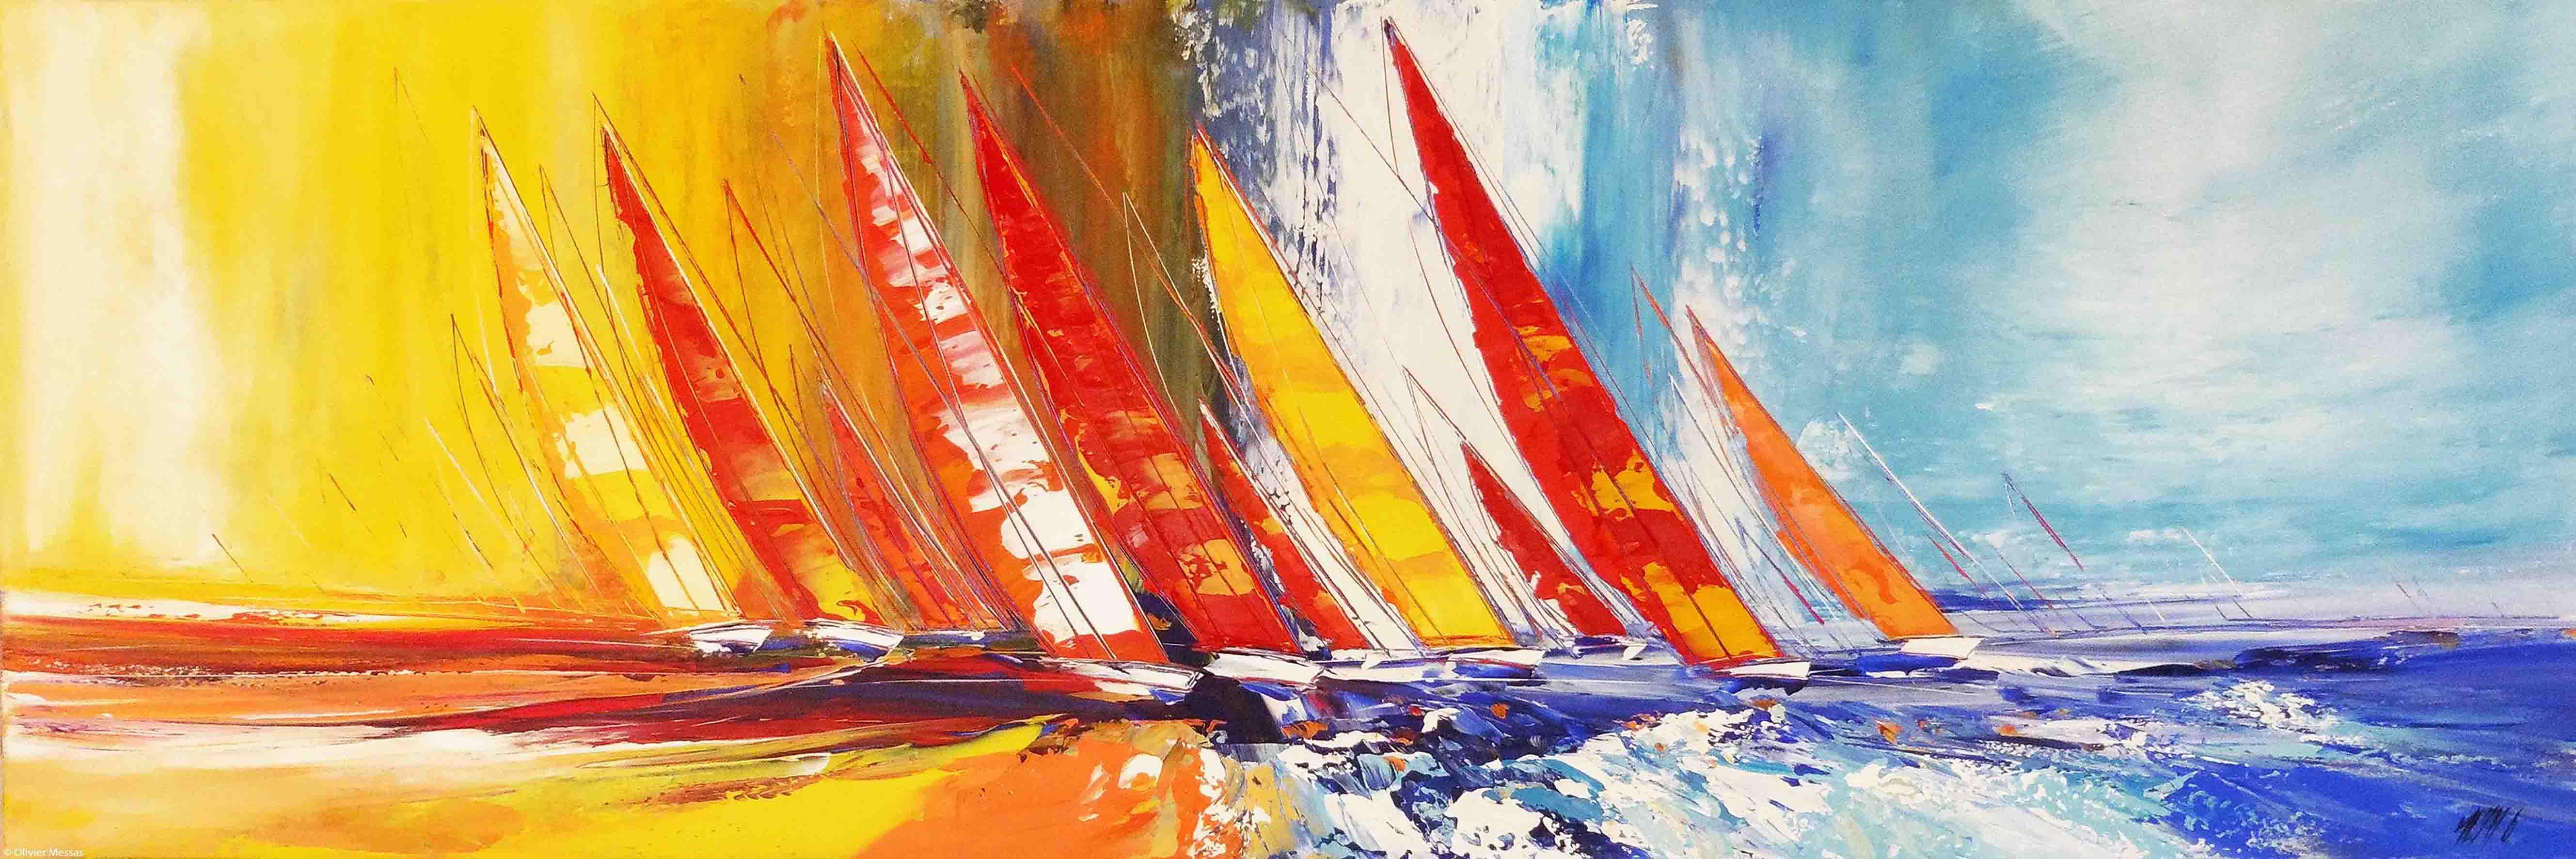 Les voiliers de la Liberté, 60x180cm